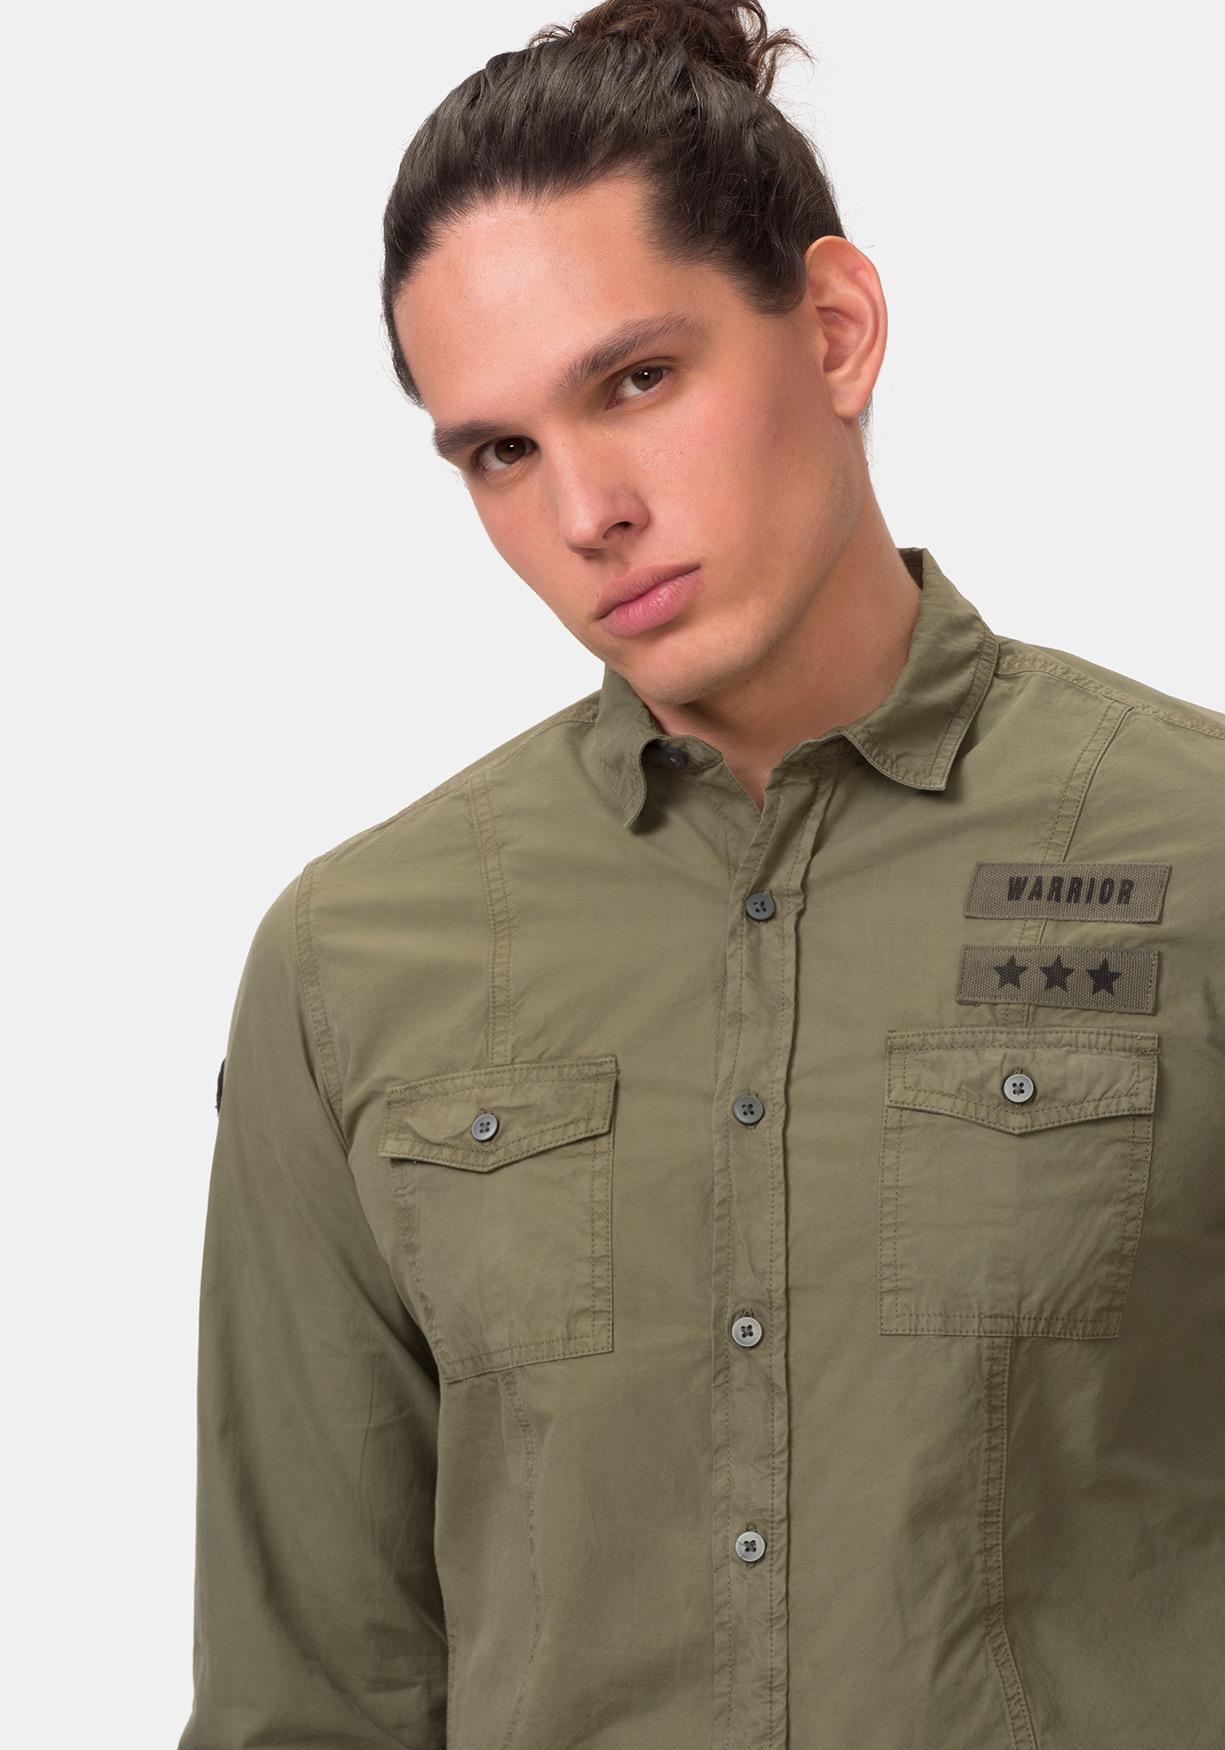 Comprar Camisa militar lisa TEX. ¡Aprovéchate de nuestros precios y ... 660f727bb6ce